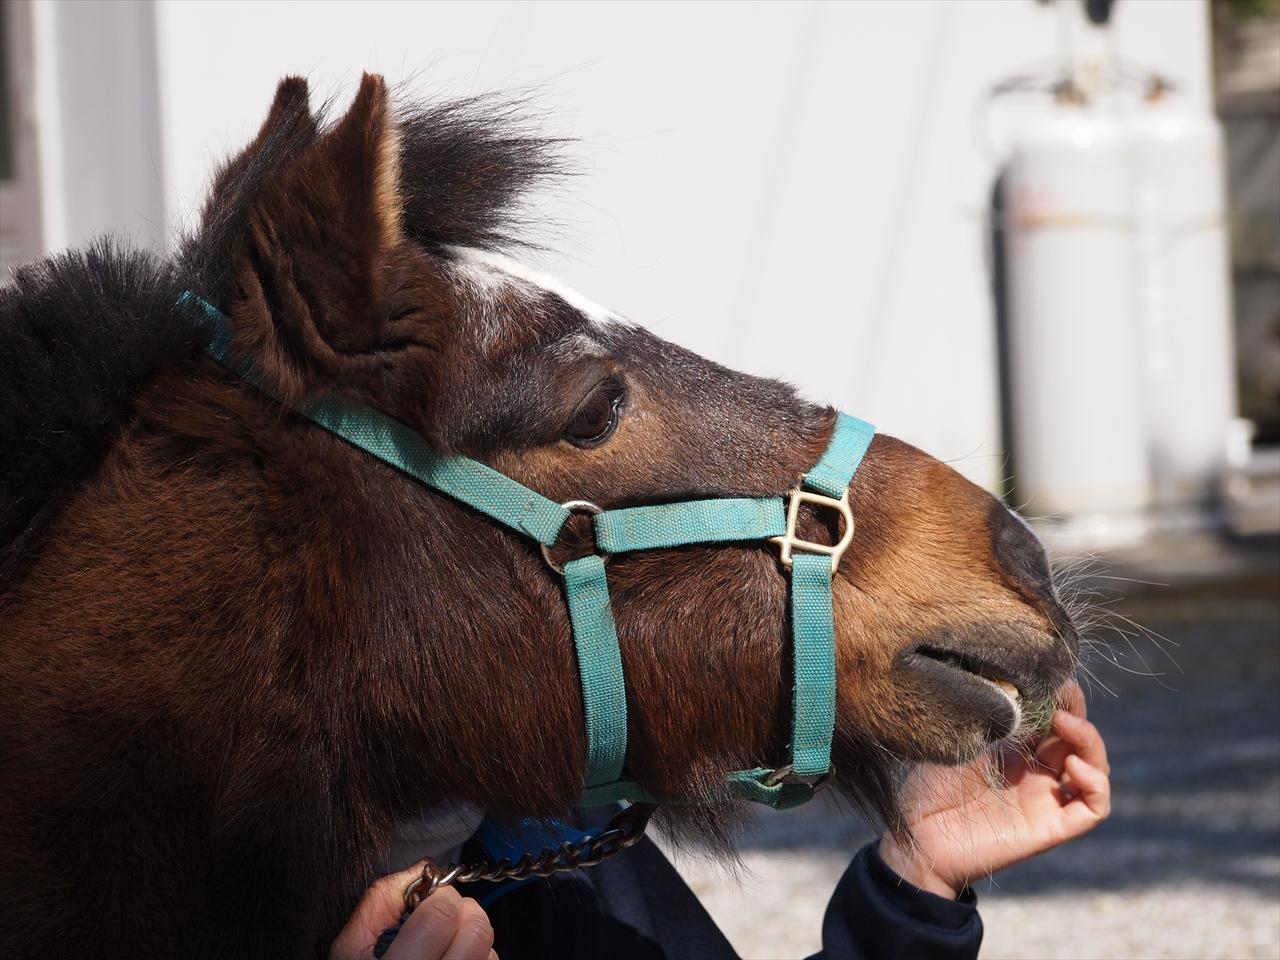 ポニーの乗馬体験 もみじ川温泉 さくら祭り